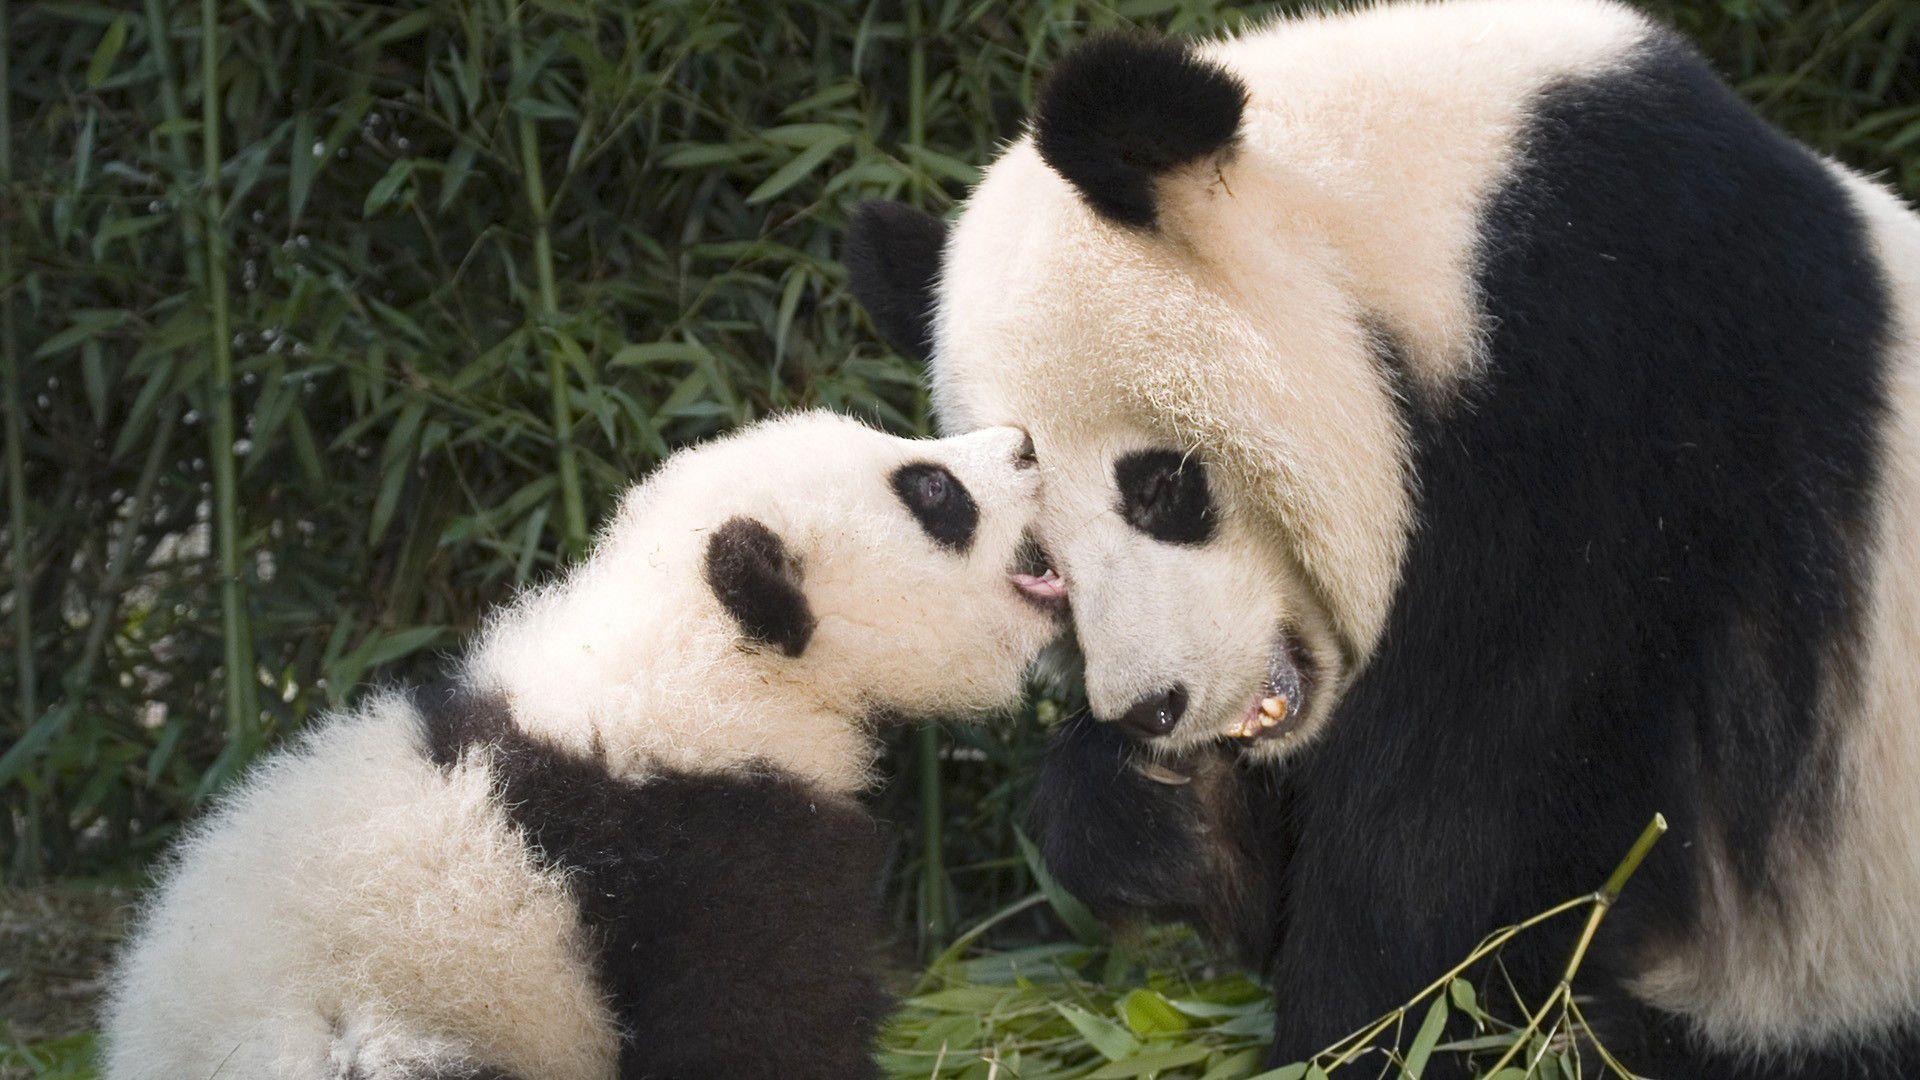 Cute Couple Hugging Wallpaper Baby Panda Wallpapers Wallpaper Cave